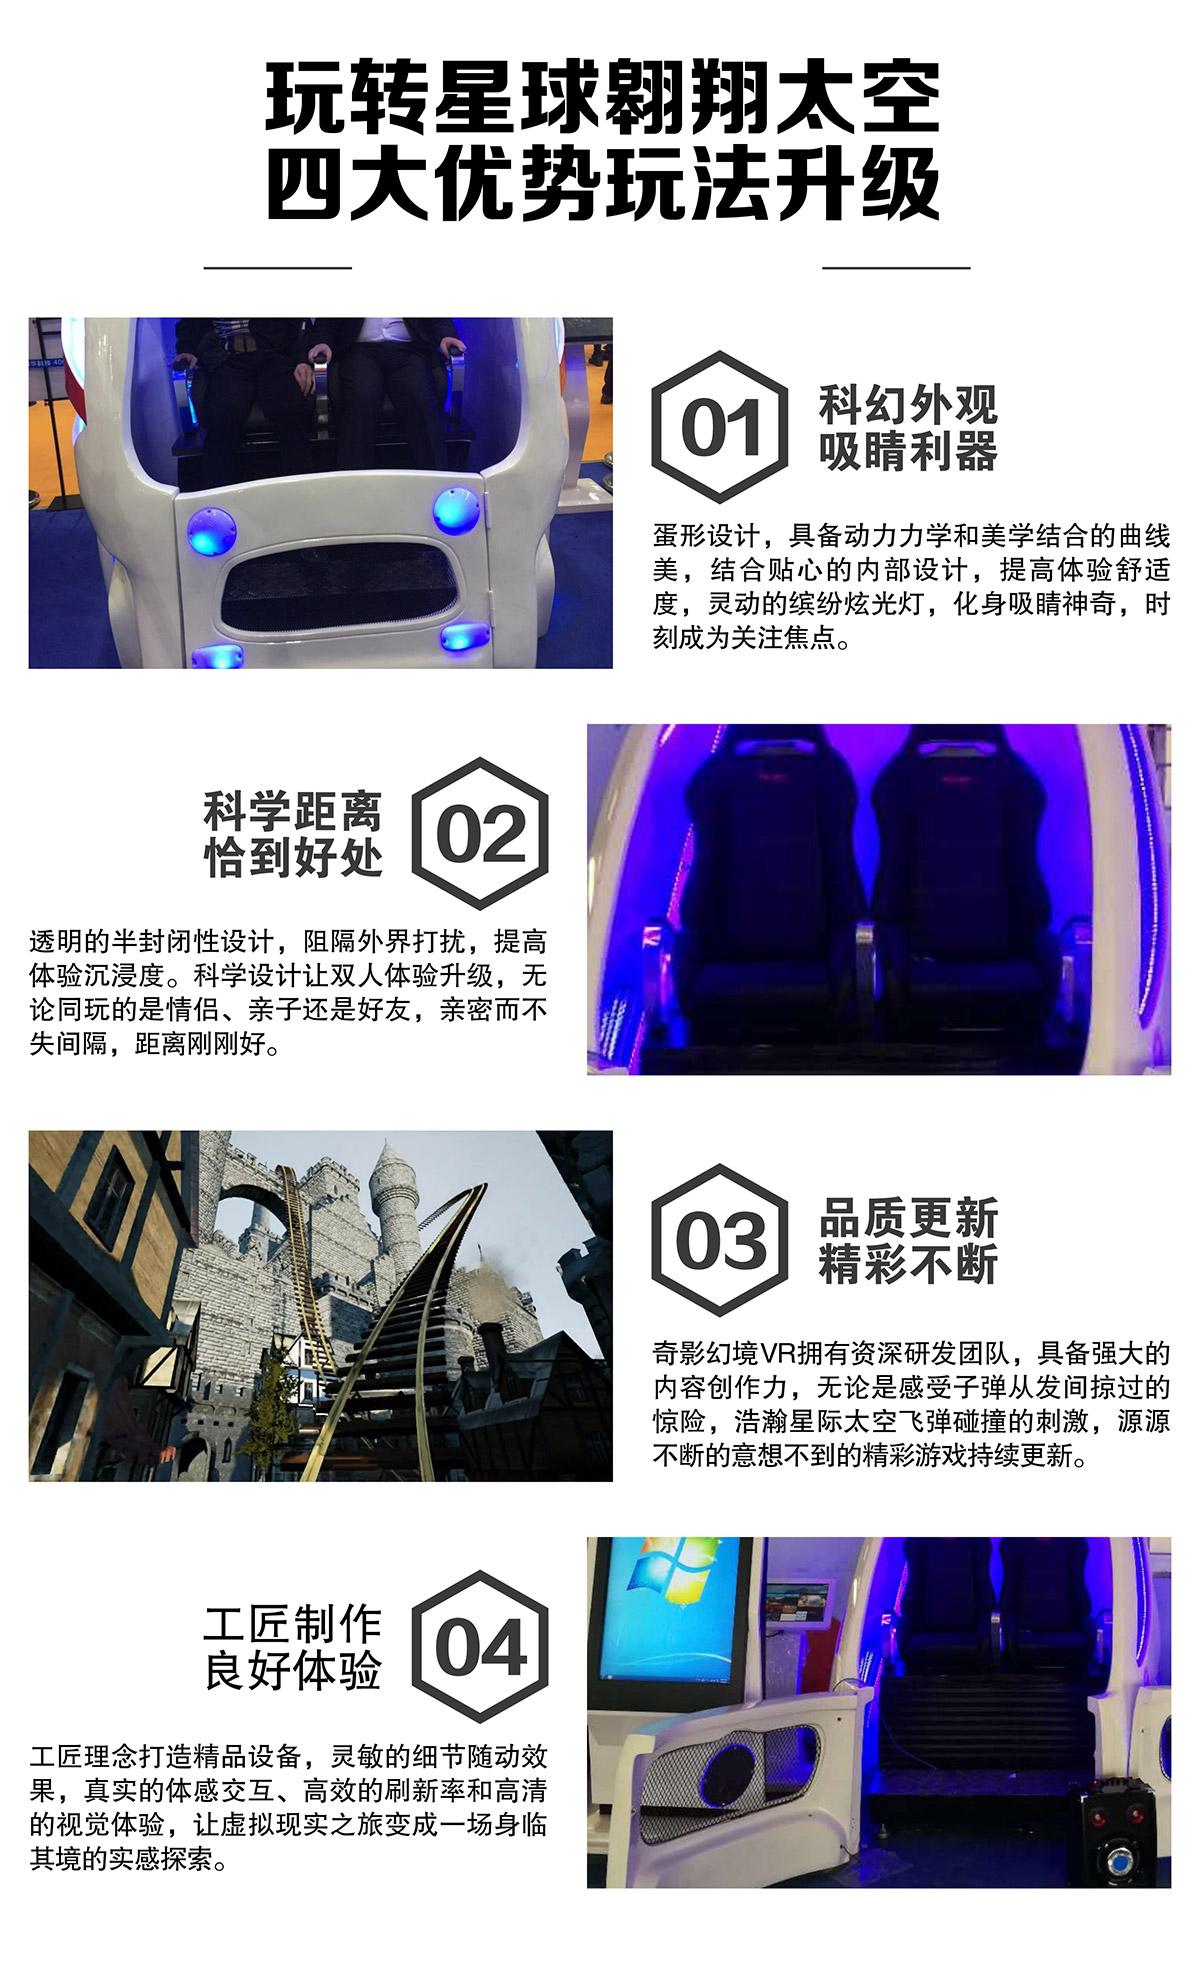 安全体验玩转星球翱翔太空VR虚拟太空舱.jpg